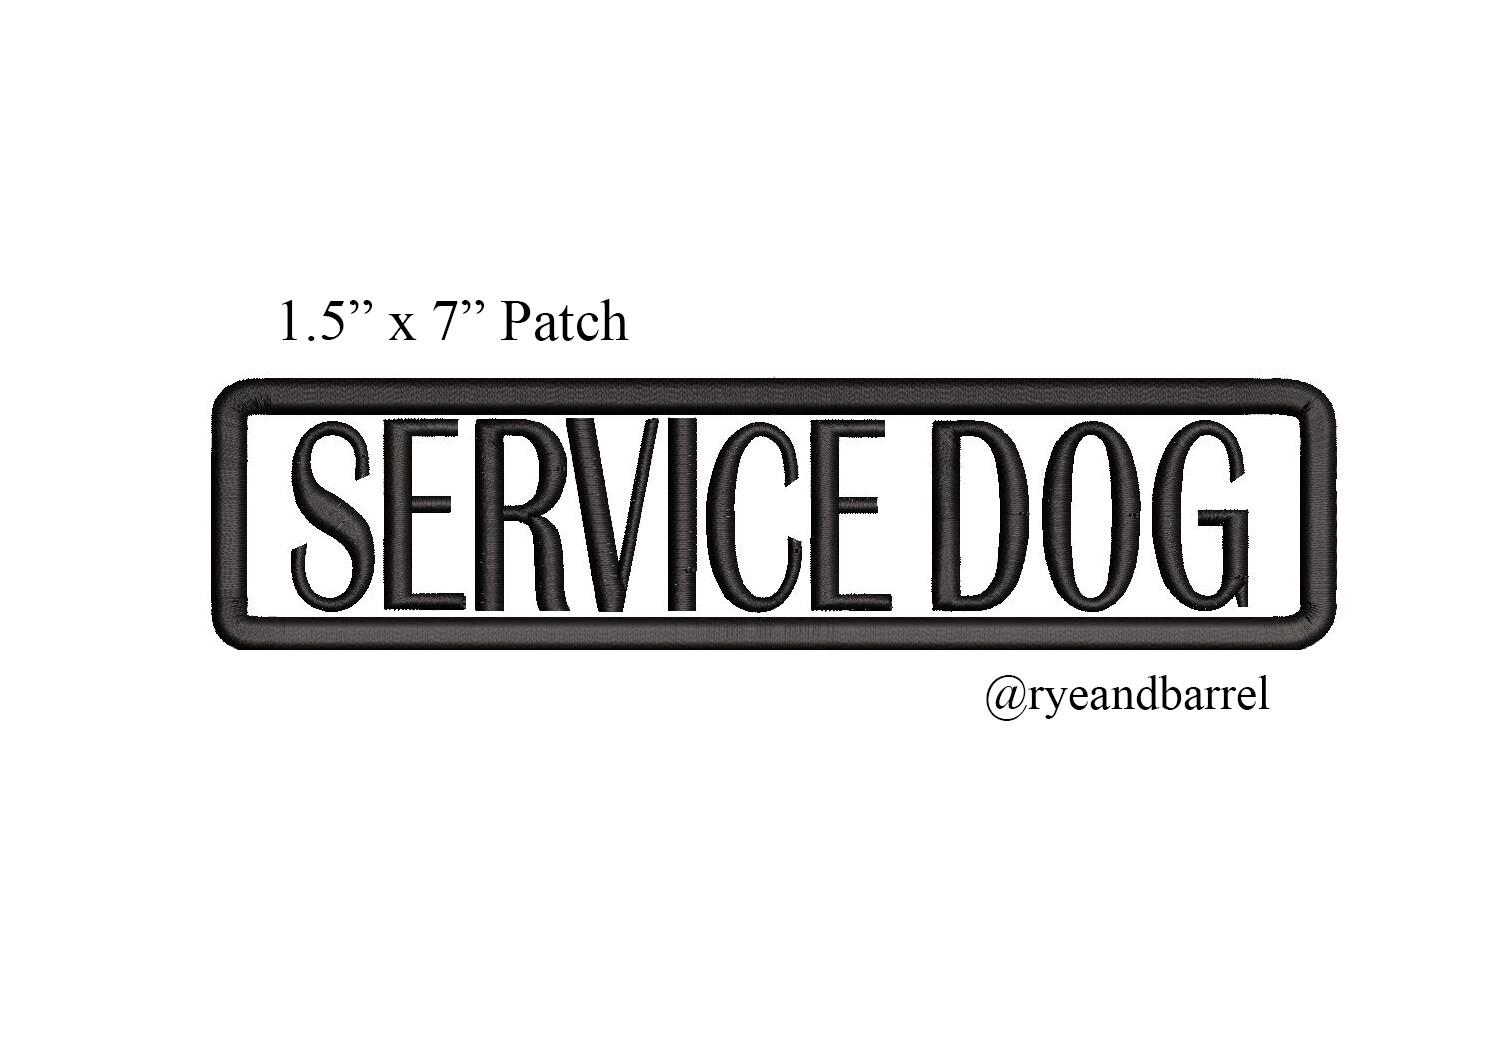 1 Custom Service Dog Patch 7 By 1 5